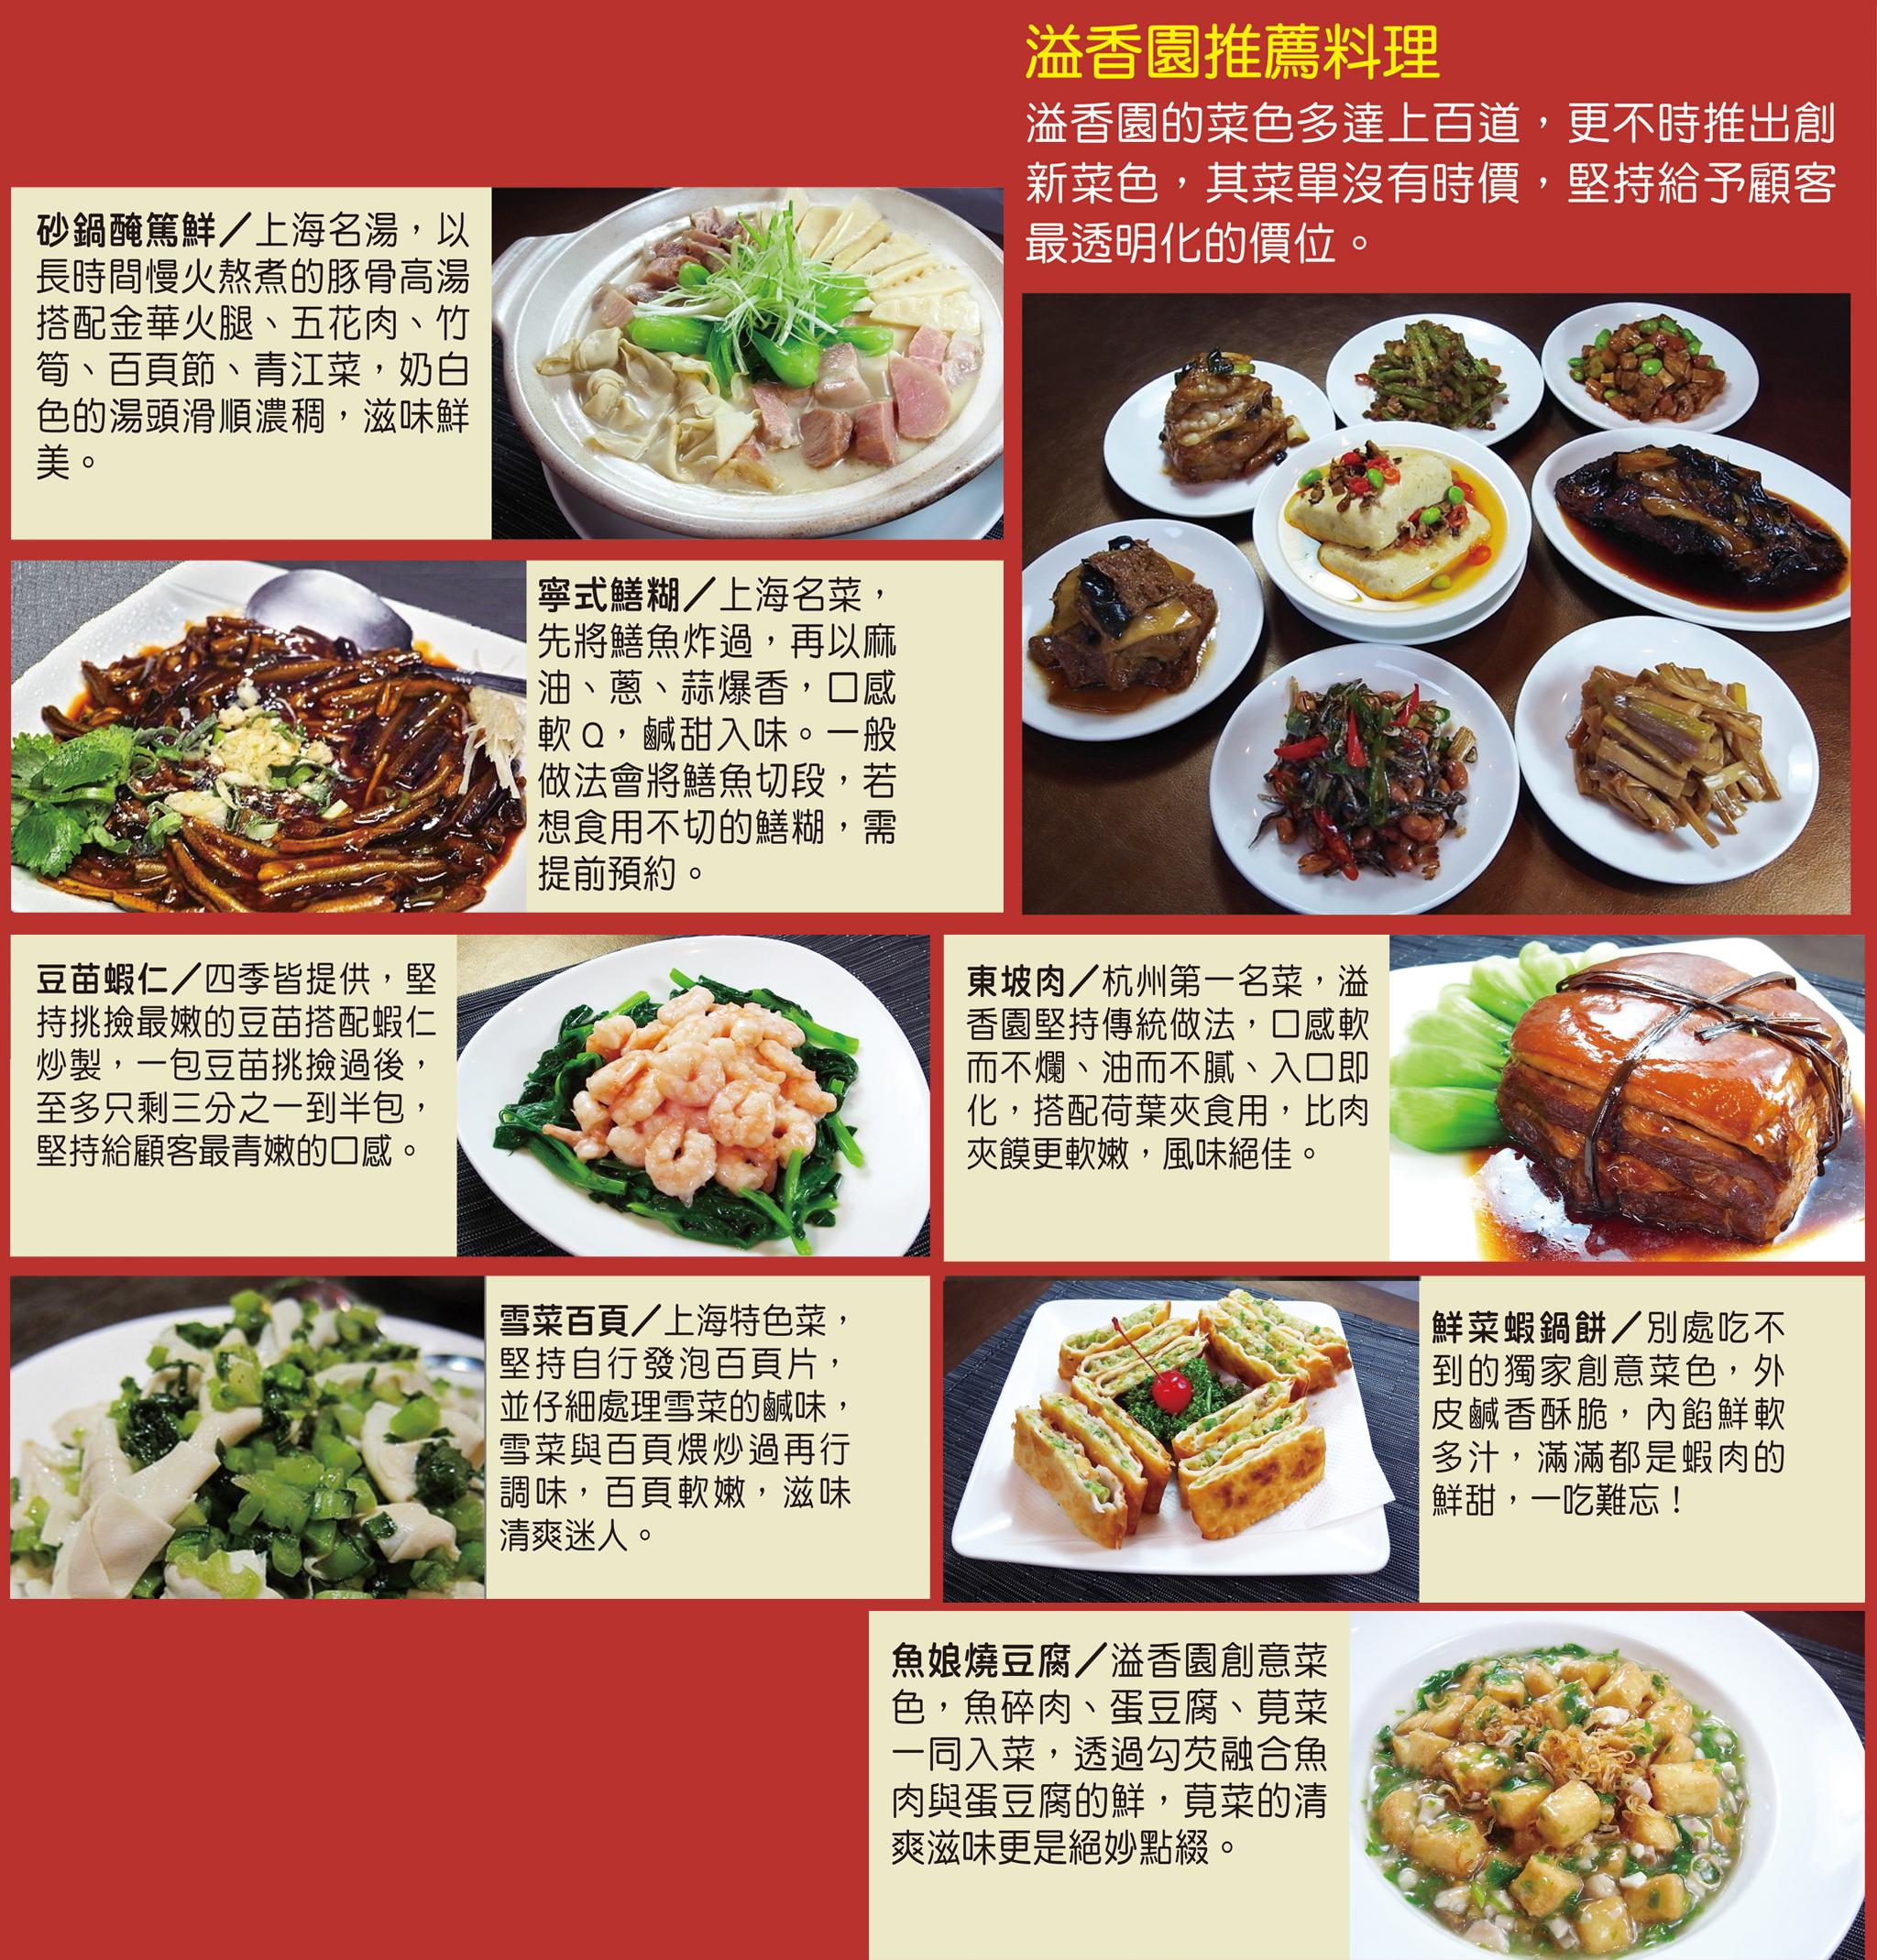 溢香園主廚推薦非吃不可的推薦菜色。